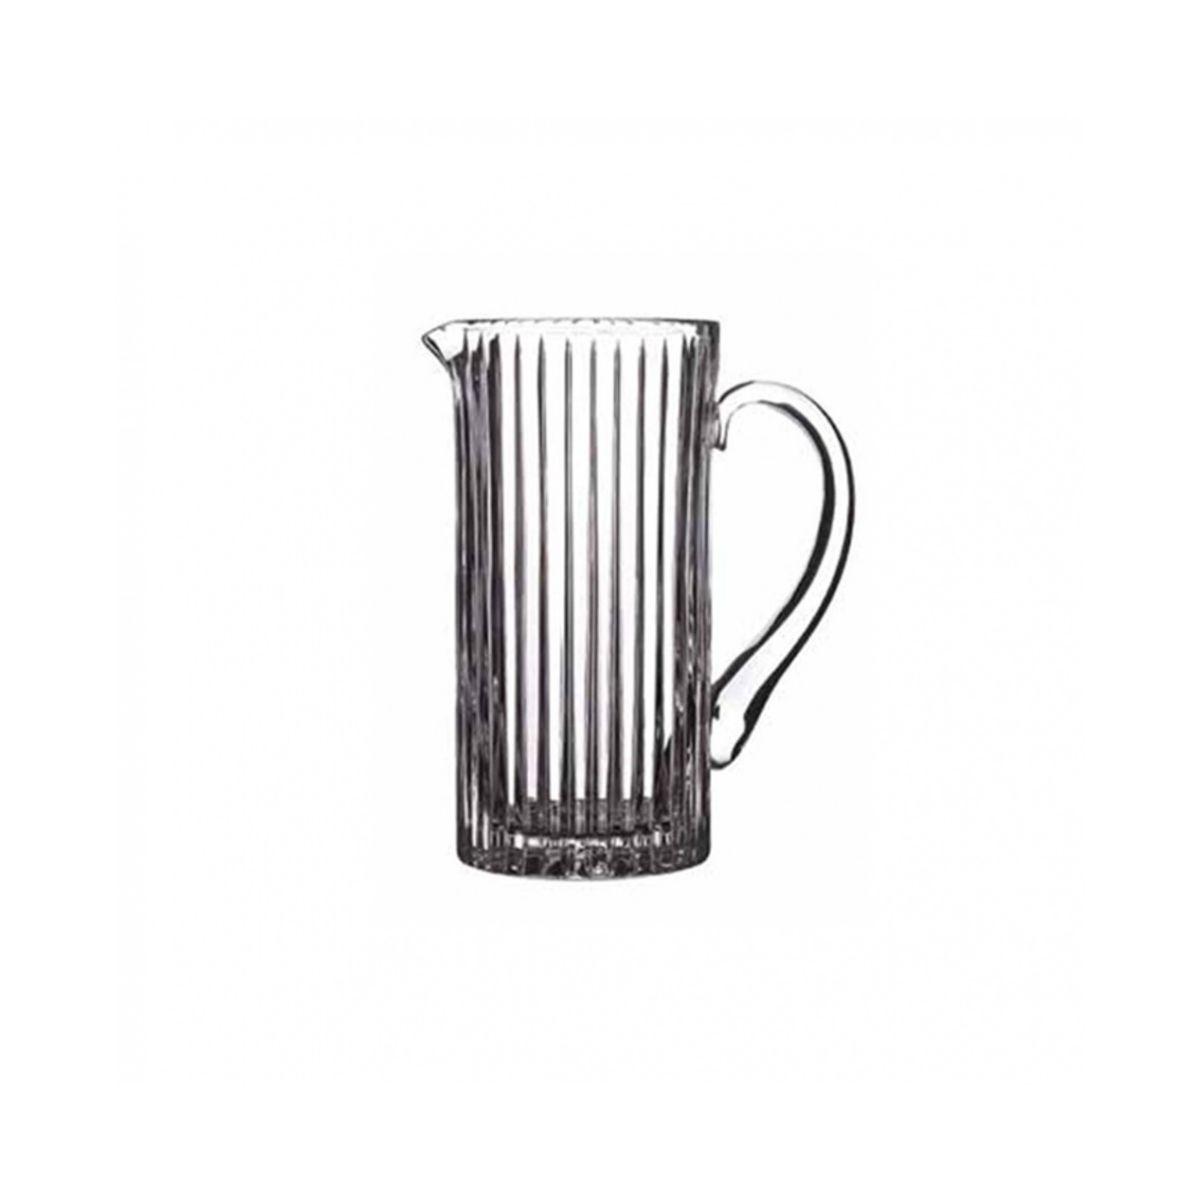 Кувшин д/напитков 1 2 л TIMELESSКувшин для напитков Таймлесс предназначен для хранения и сервировки безалкогольных прохладительных напитков. В нем удобно подавать лимонады, соки, прочие напитки, он отлично подойдет как для дома, так и для использования в кафе или ресторанах благодаря своему лаконичному и универсальному дизайну. Кувшин изготовлен из прочного толстостенного стекла, которое создается без применения свинца и других токсичных веществ. Изделие оснащено ручкой и носиком для аккуратного наливания. Кувшин для напитков Таймлесс украсит ваш стол во время повседневного обеда и станет отличным выбором для торжества.<br>